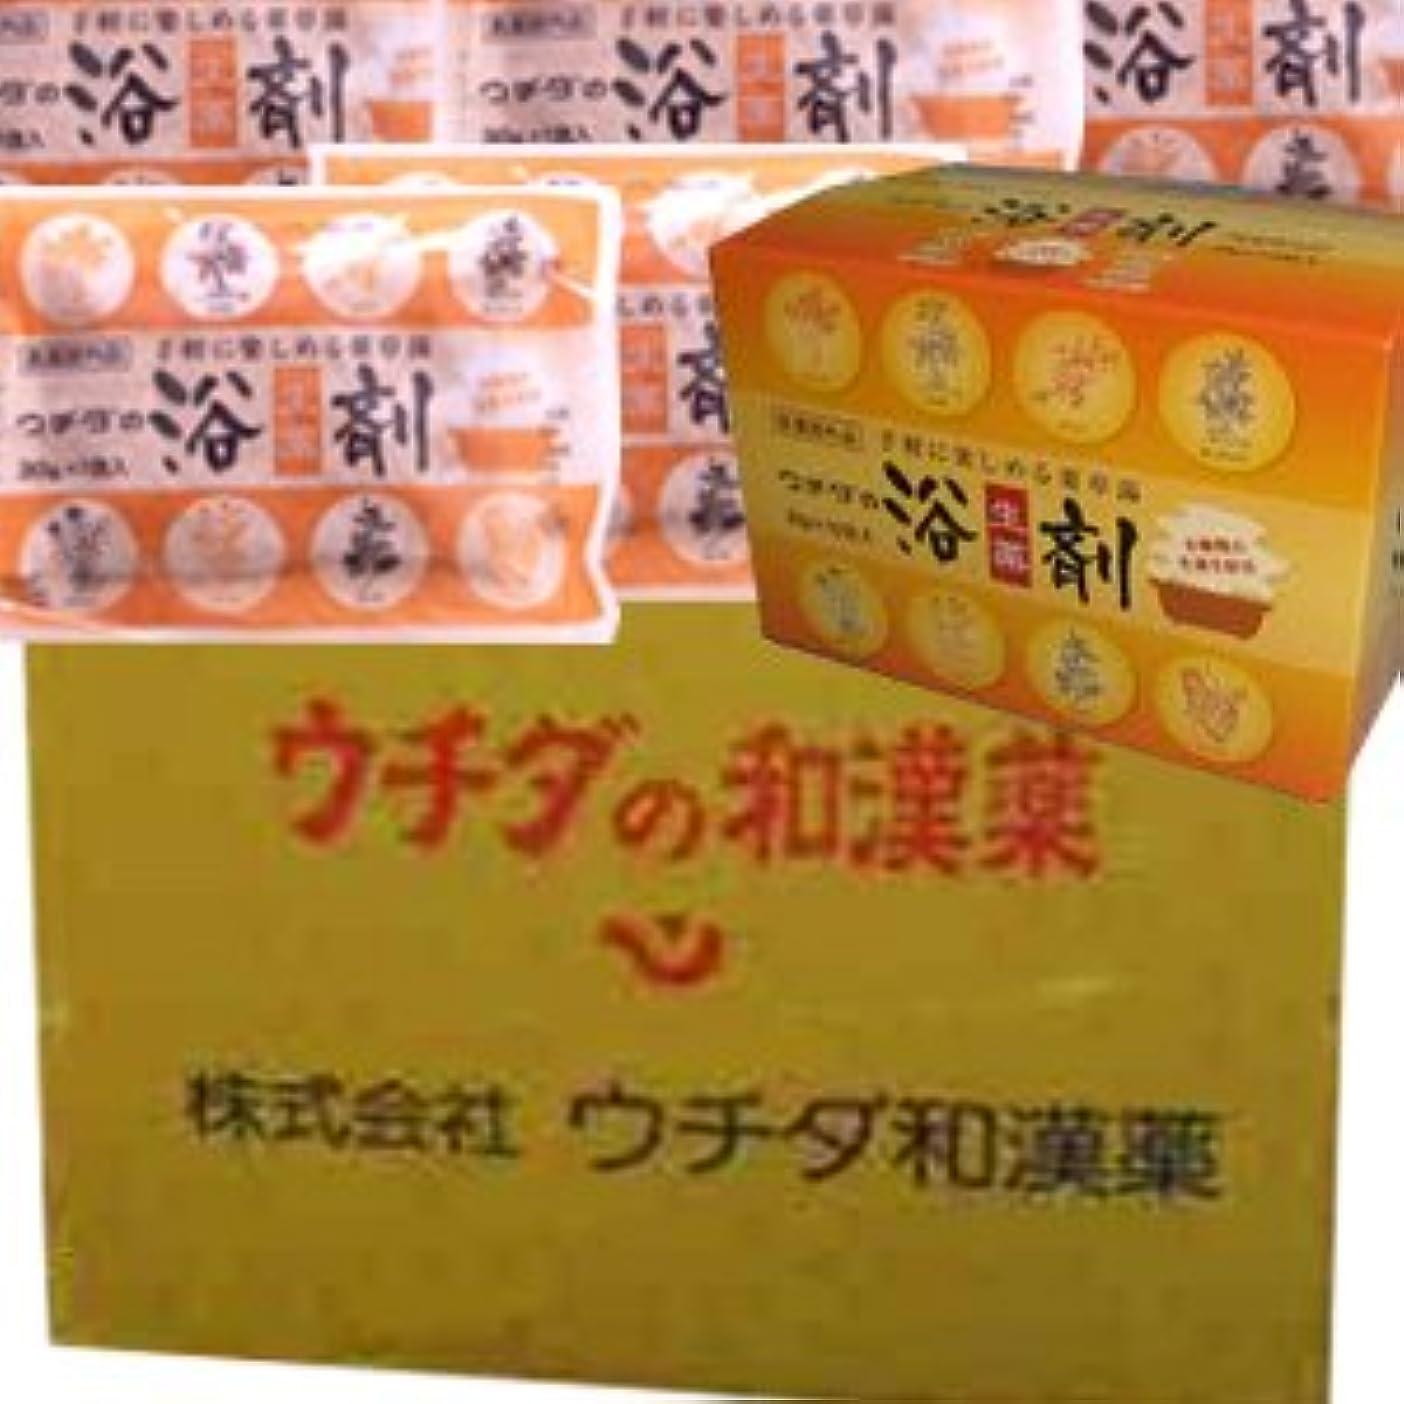 形式ピカリング境界【12個1ケース】 ウチダの浴剤 30g×10袋入×12個+6袋 (4987359400025)